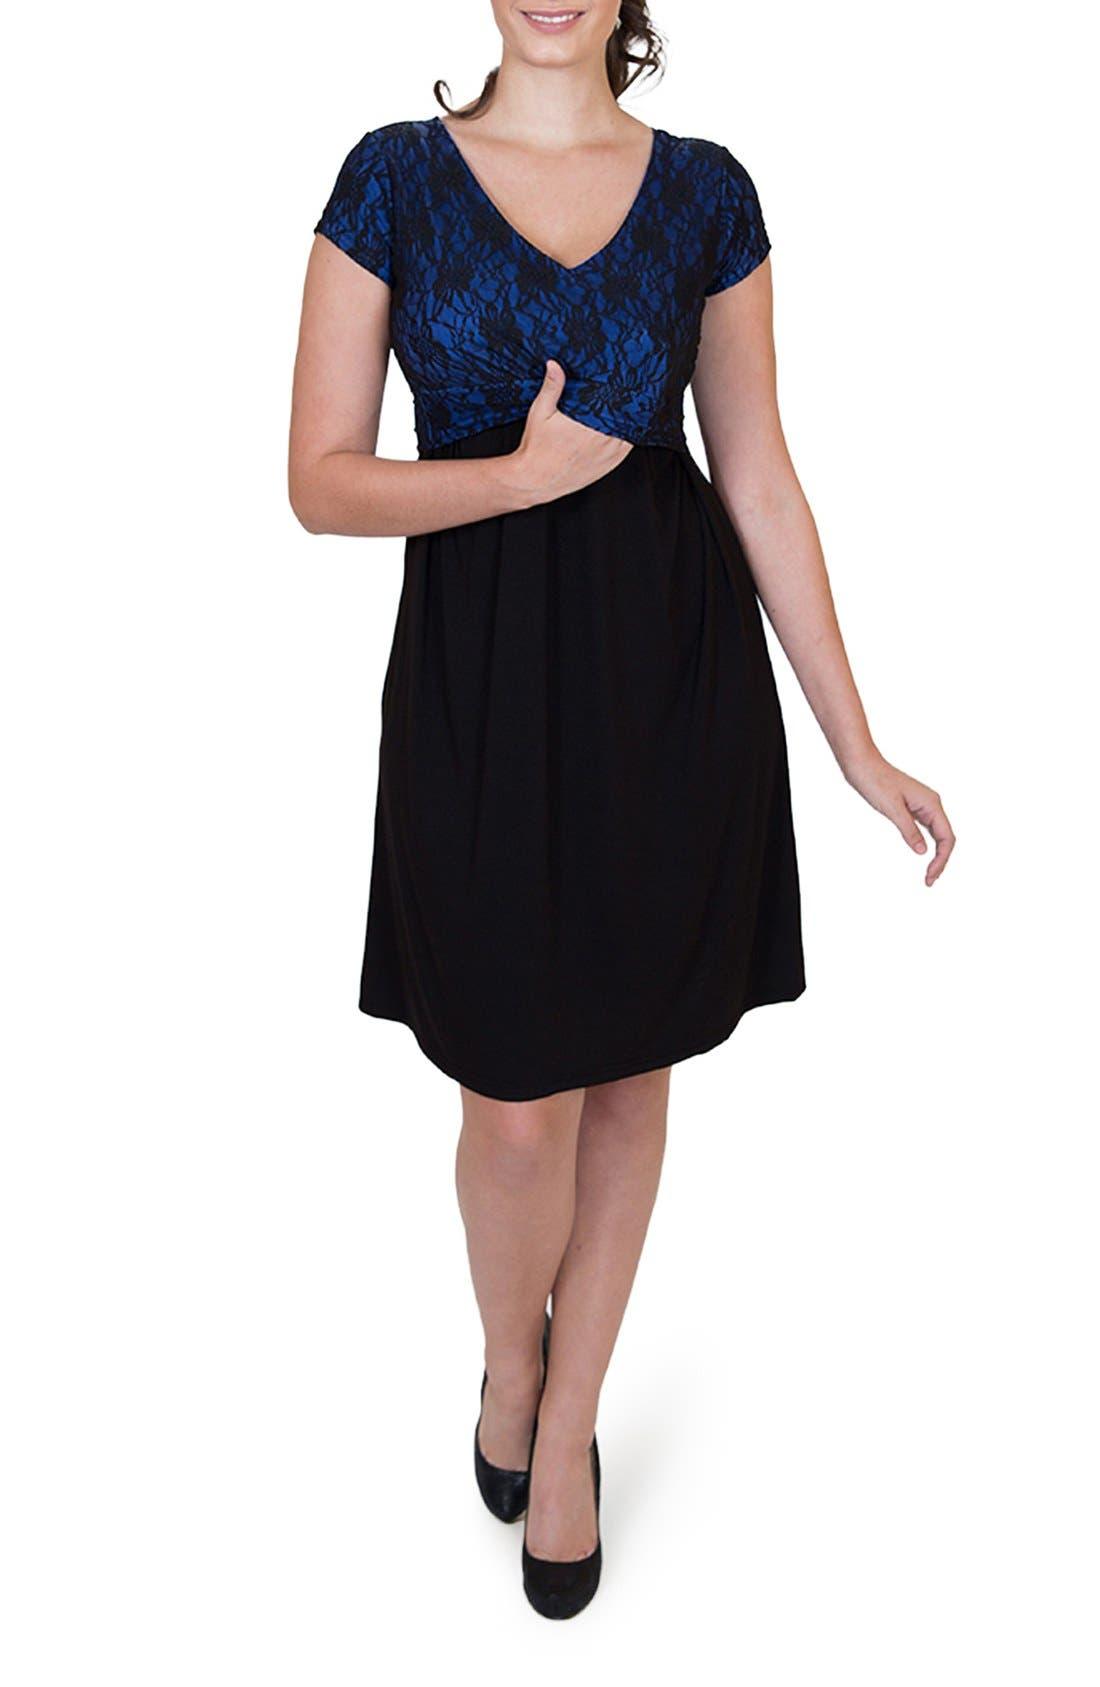 'Camila' Maternity/Nursing Dress,                             Alternate thumbnail 4, color,                             ROYAL BLUE/ BLACK